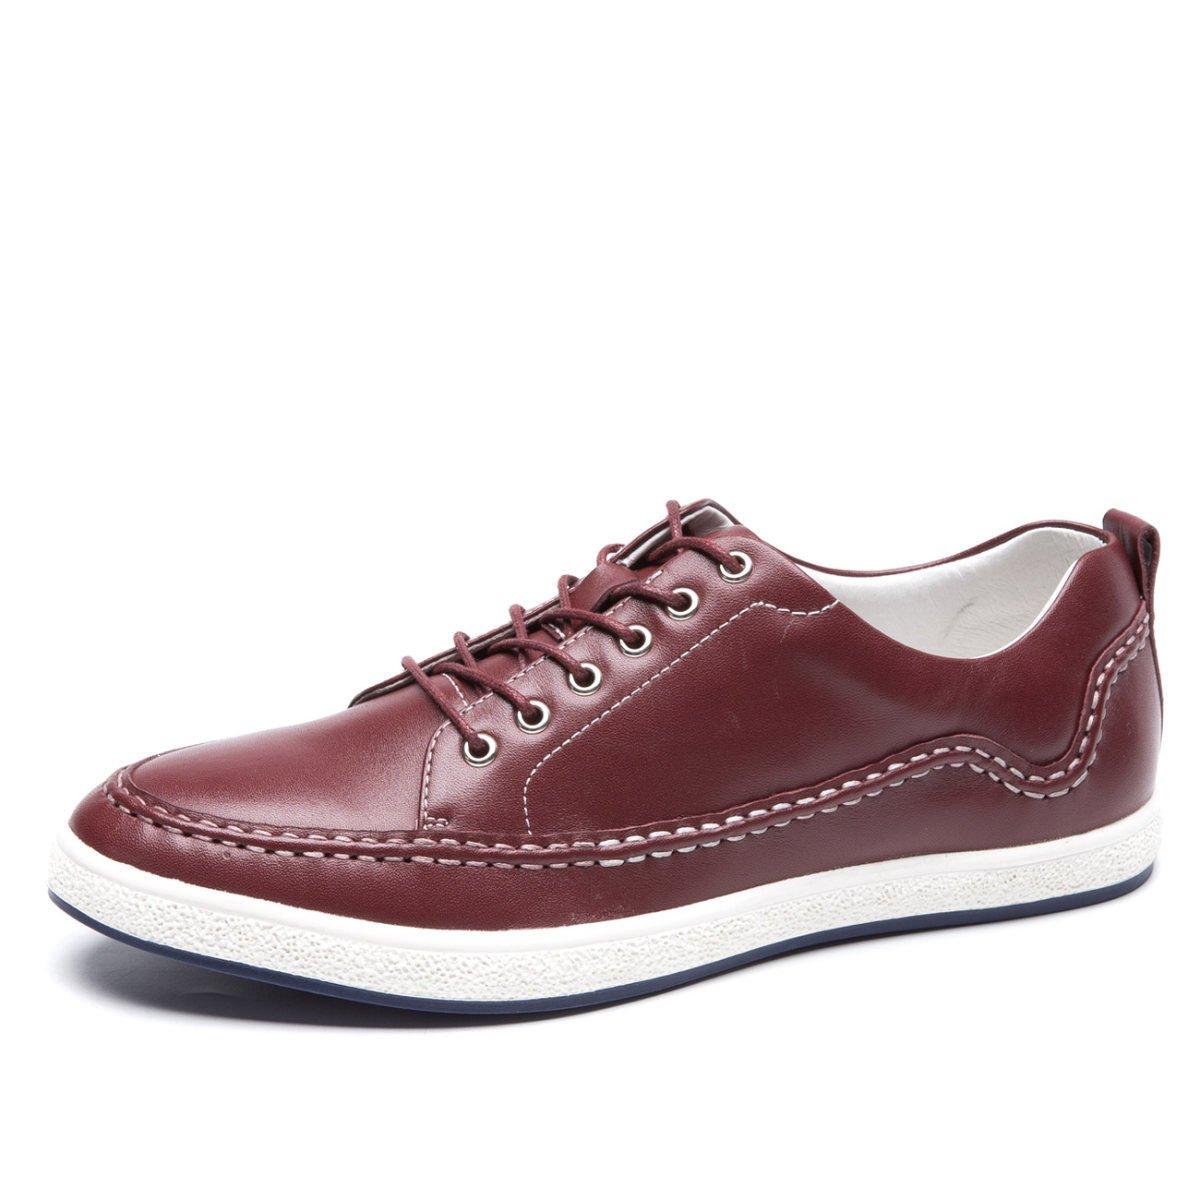 Gran De Los Hombres Zapatos Casuales Zapatos De Cuero De Los Hombres Zapatos De última Moda Zapatos De Los Hombres Jóvenes 41|Red